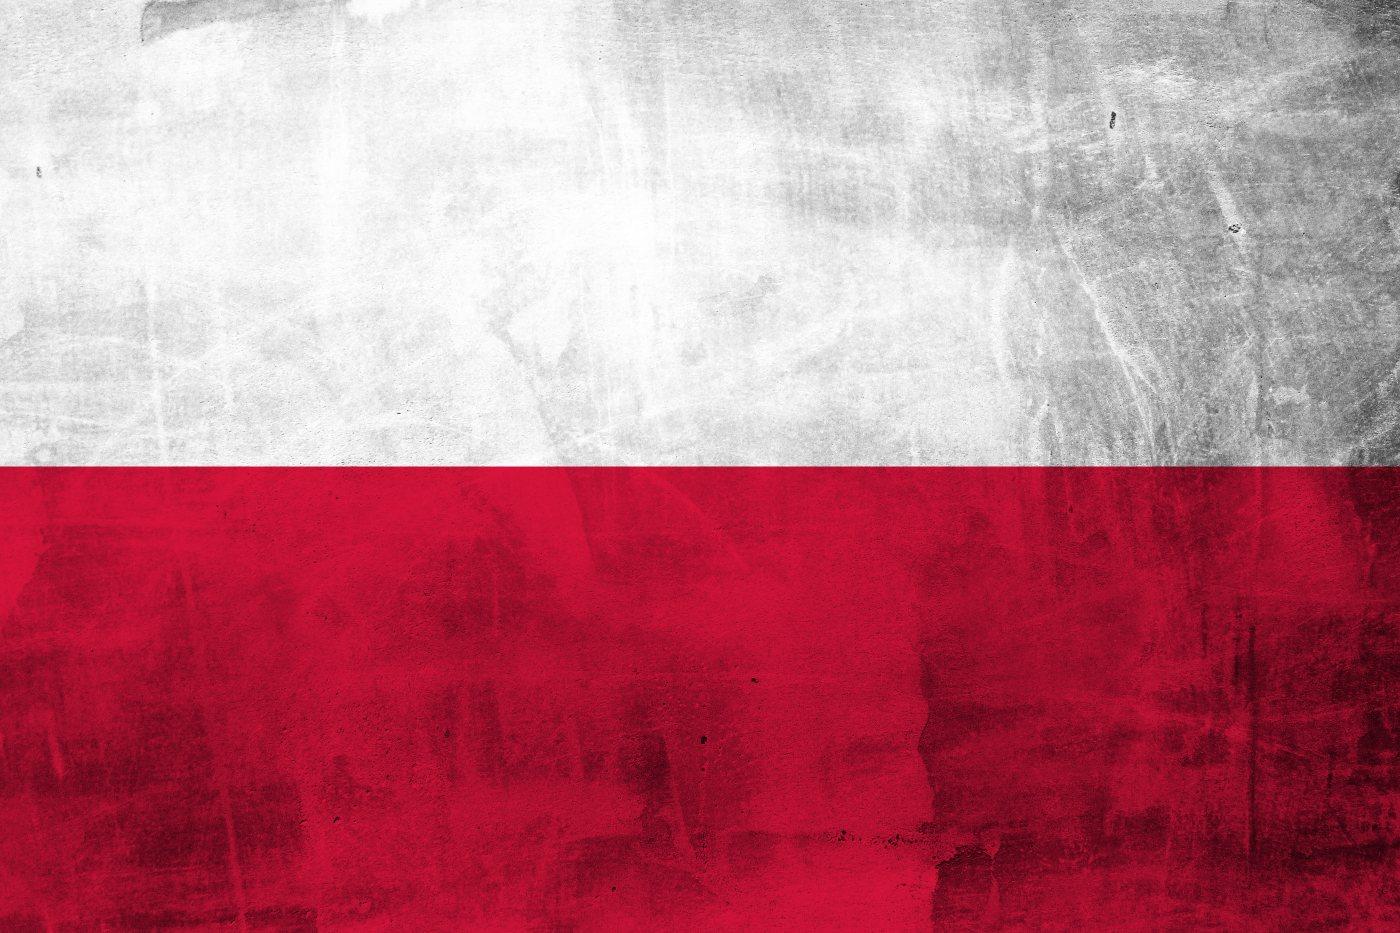 Tanie wakacyjne loty Kraków-Gdańsk lub Gdańsk-Kraków. Dużo terminów!